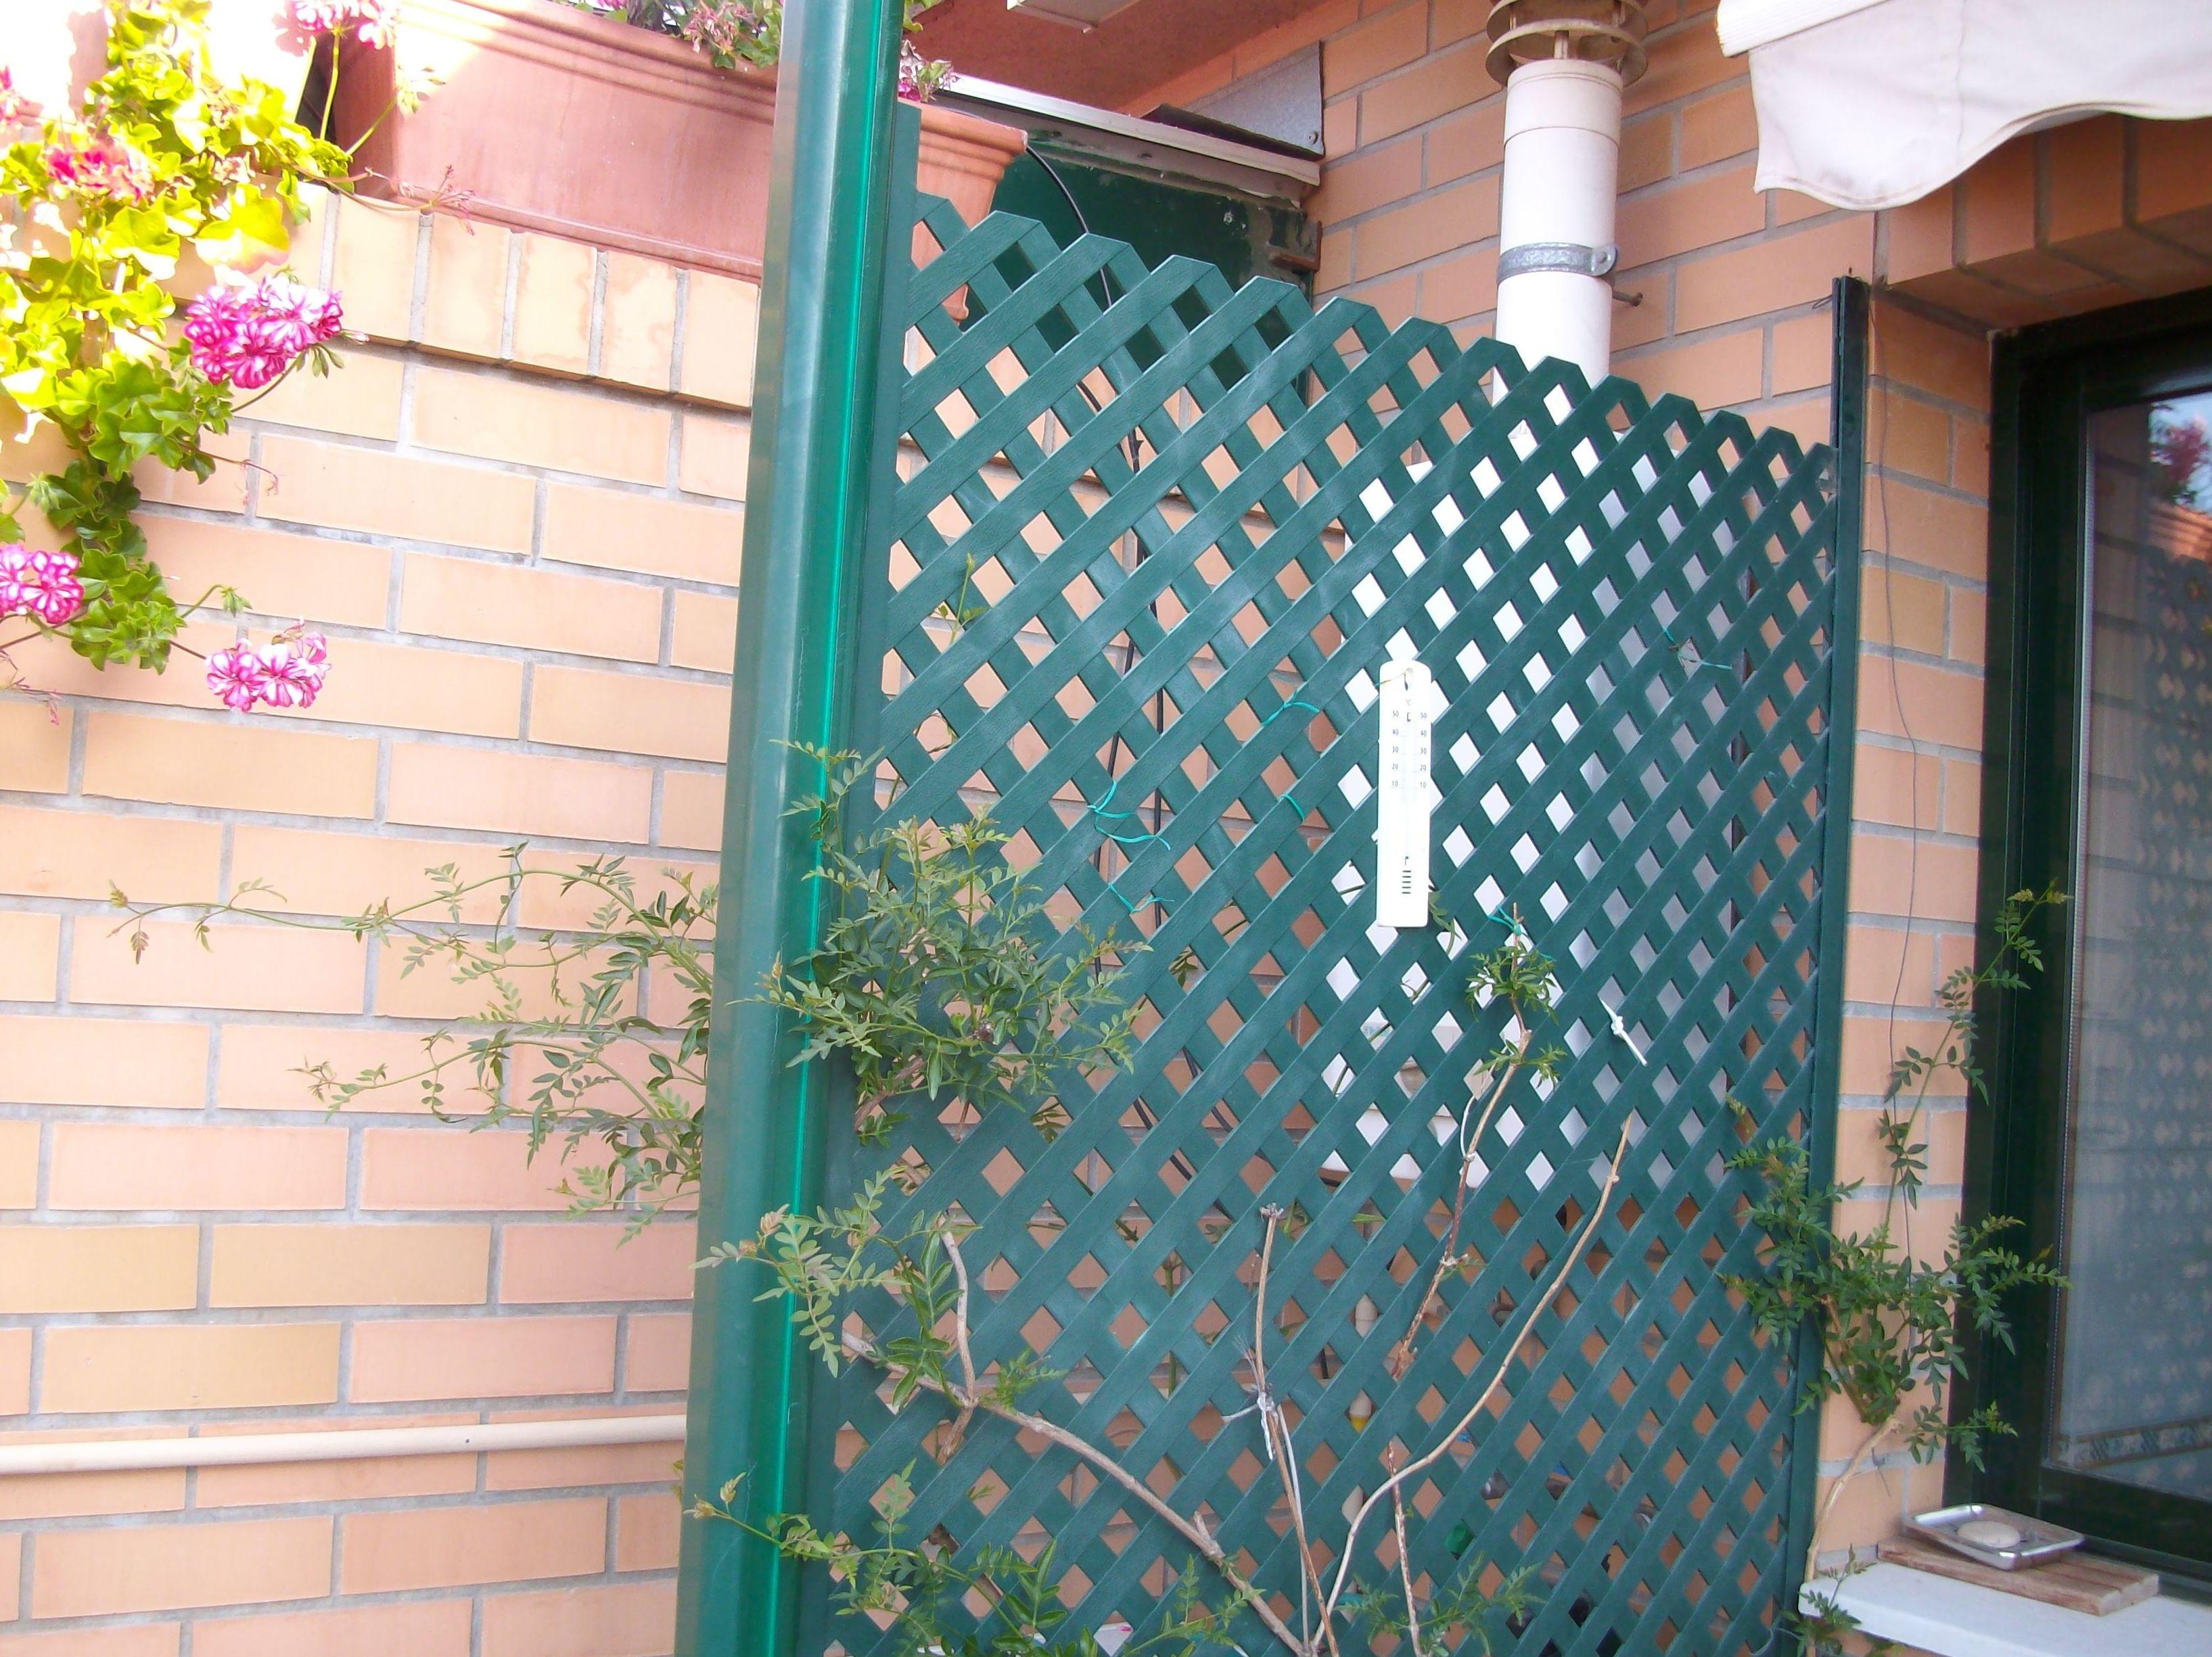 Foto 186 de Carpintería de aluminio, metálica y PVC en  | Exposición, Carpintería de aluminio- toldos-cerrajeria - reformas del hogar.